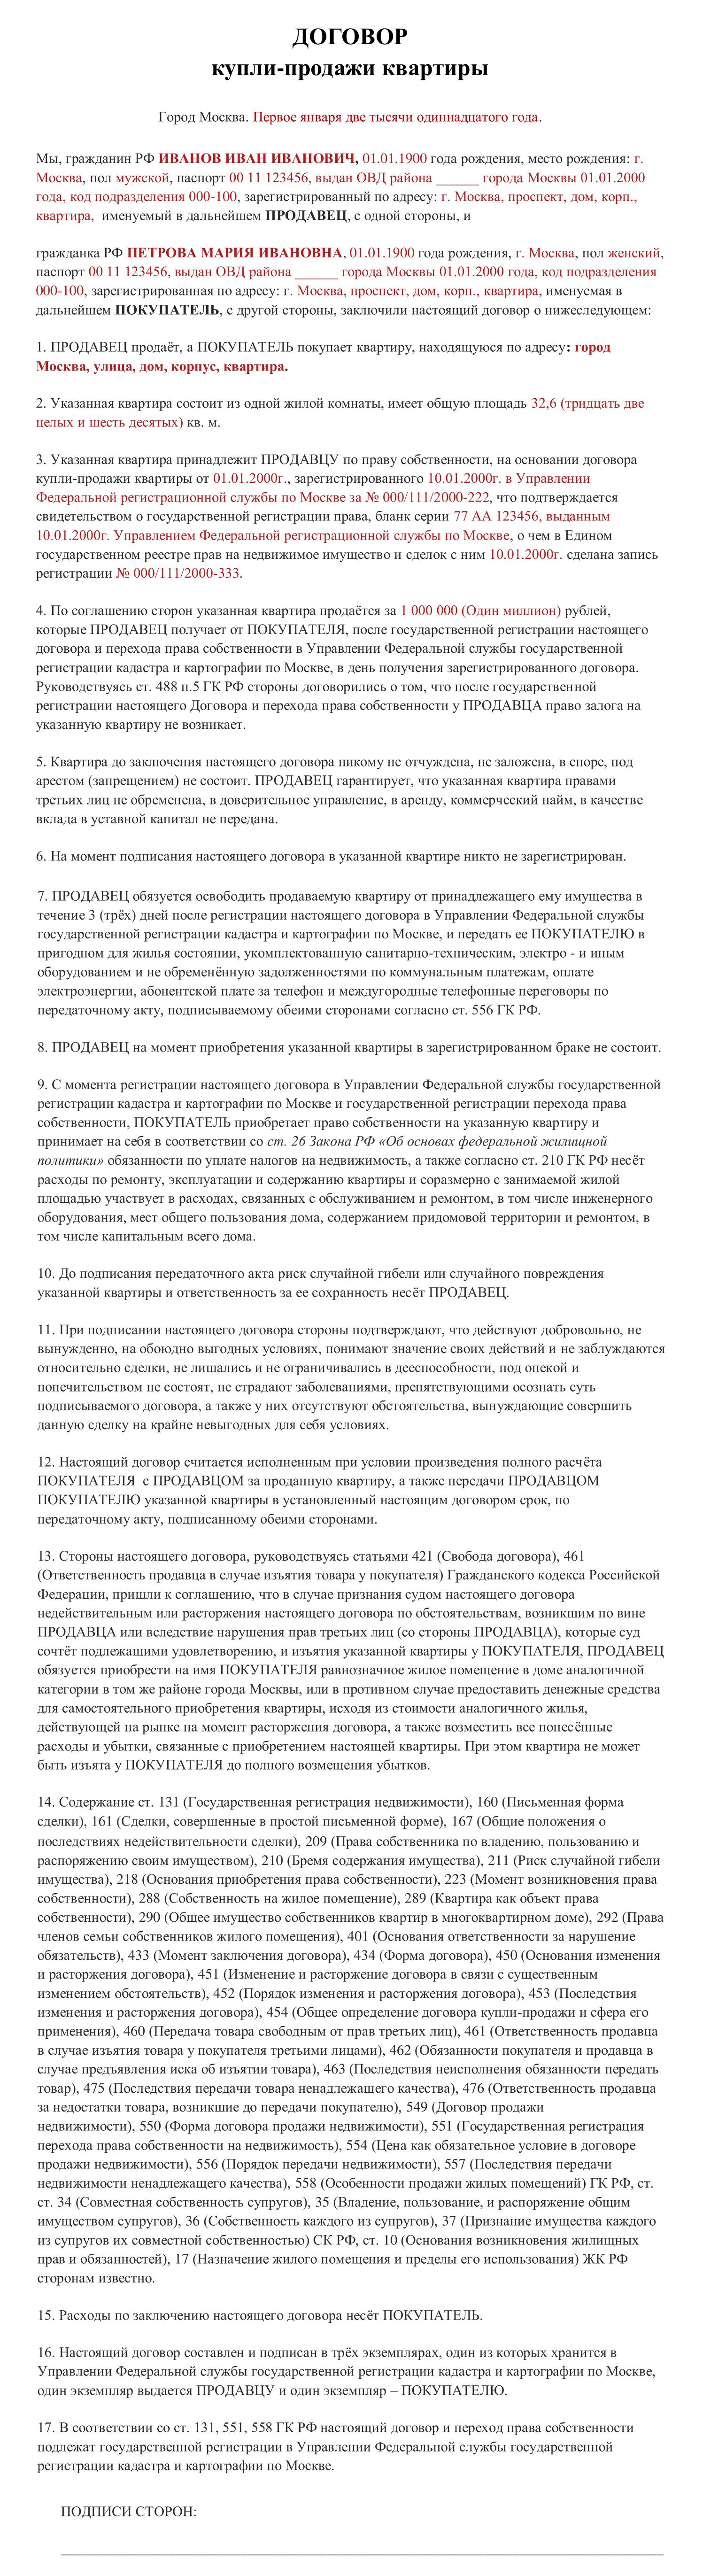 Договор купли-продажи с использованием банковской ячейки (образец)